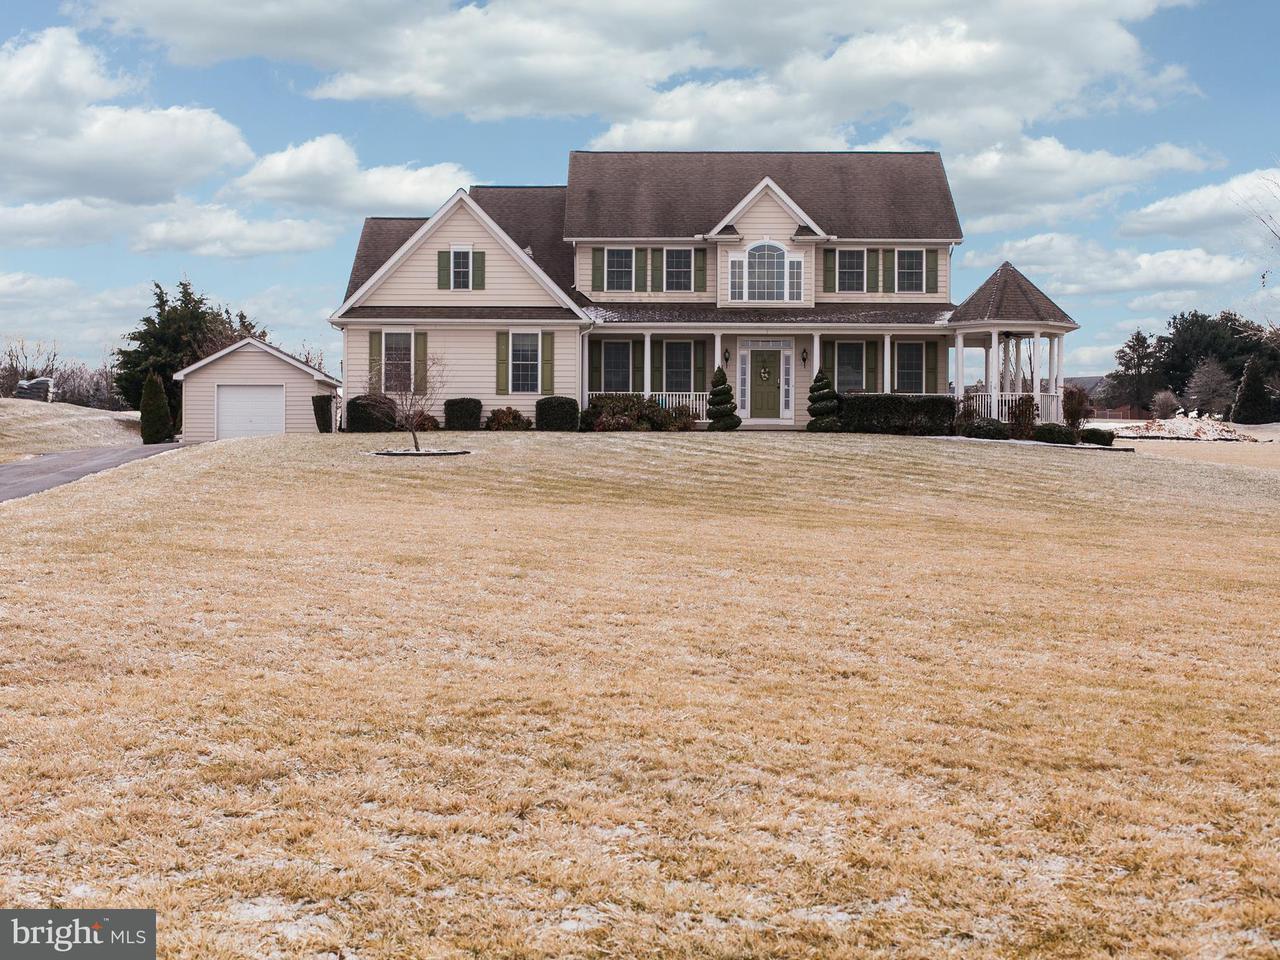 一戸建て のために 売買 アット 20123 Stone Court 20123 Stone Court Keedysville, メリーランド 21756 アメリカ合衆国